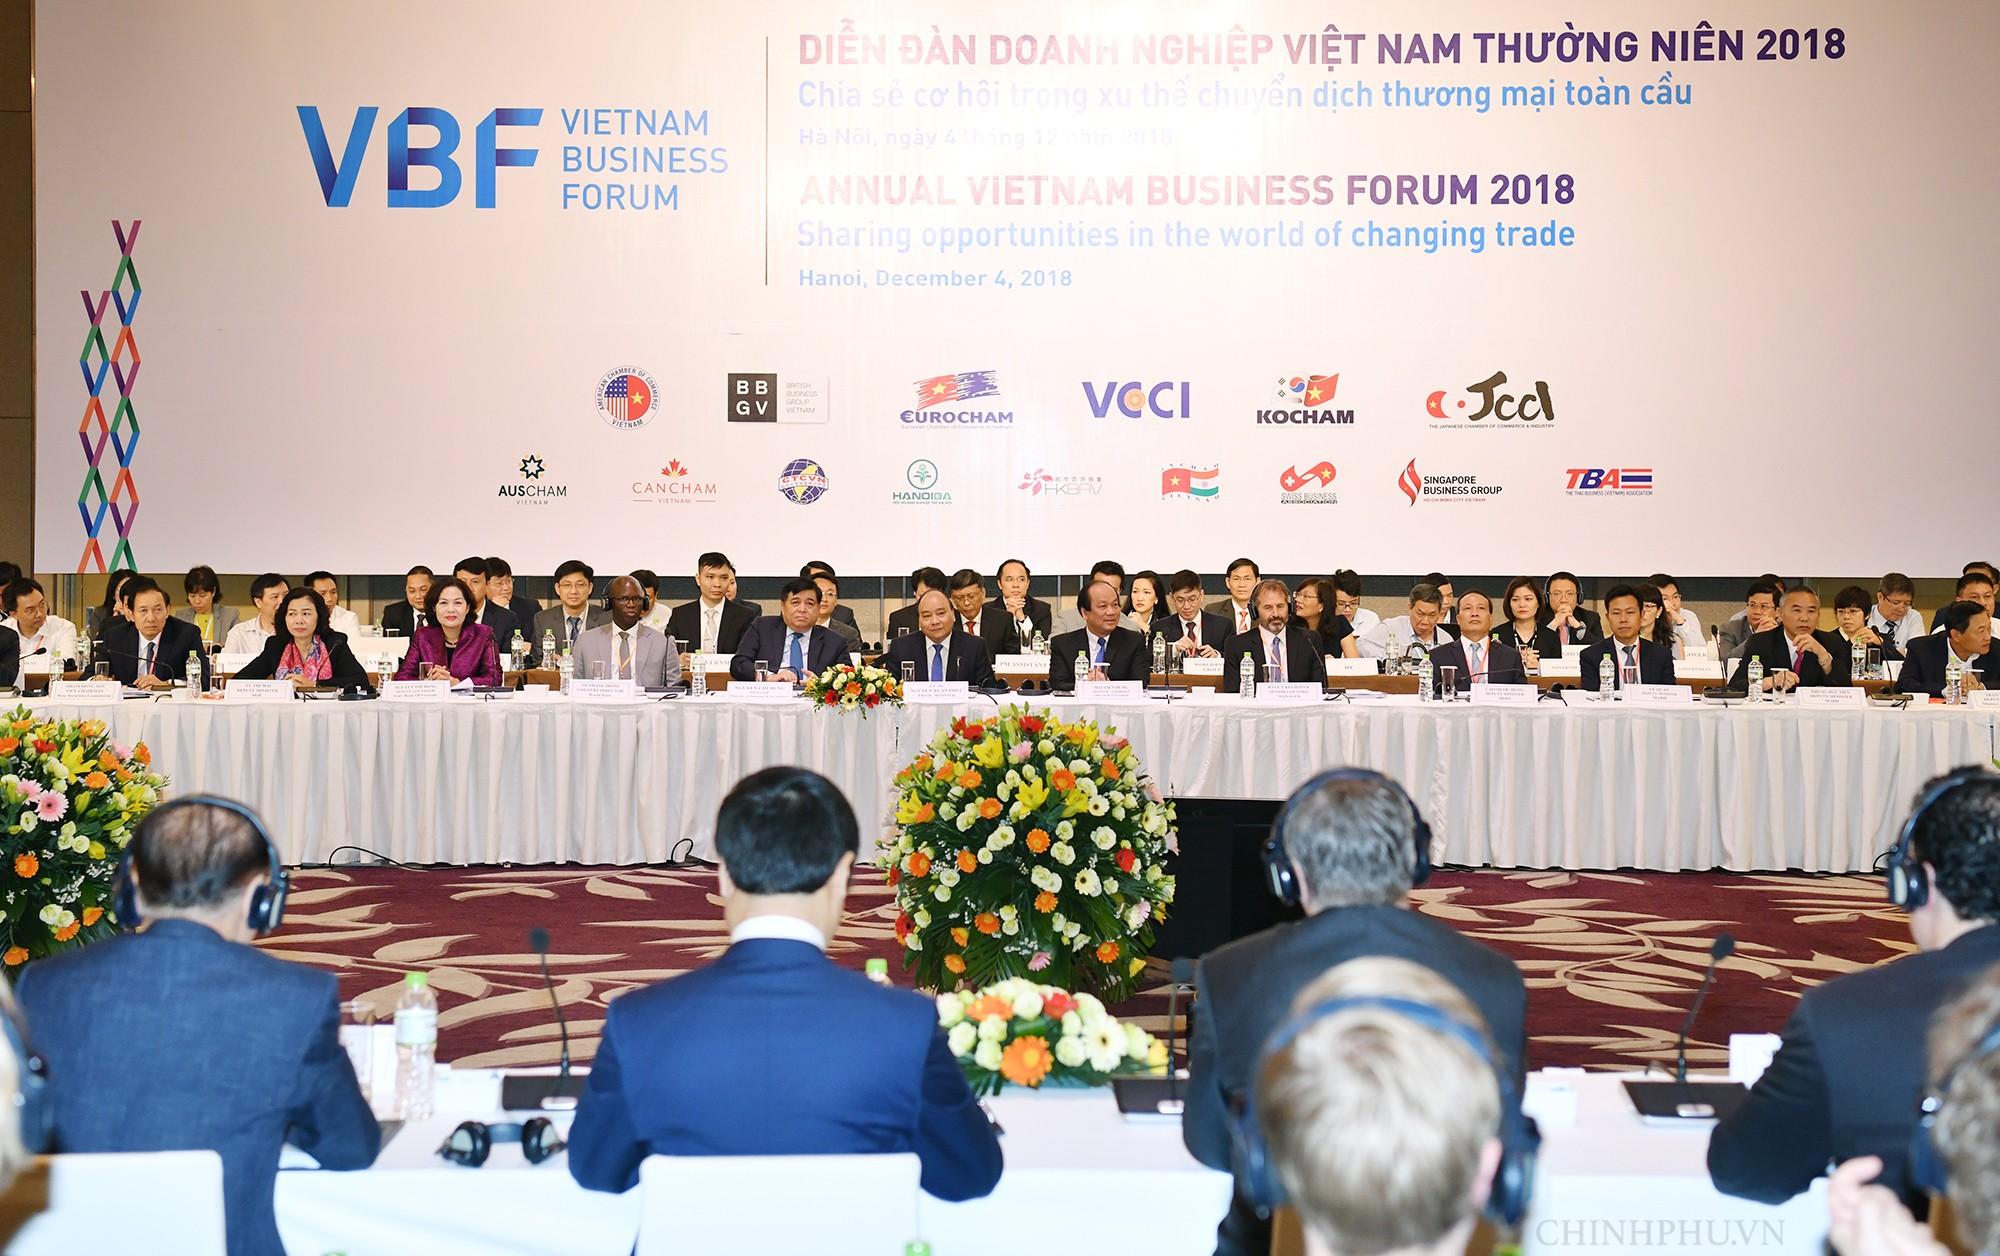 Thủ tướng dự Diễn đàn doanh nghiệp về xu thế chuyển dịch thương mại toàn cầu - Ảnh 2